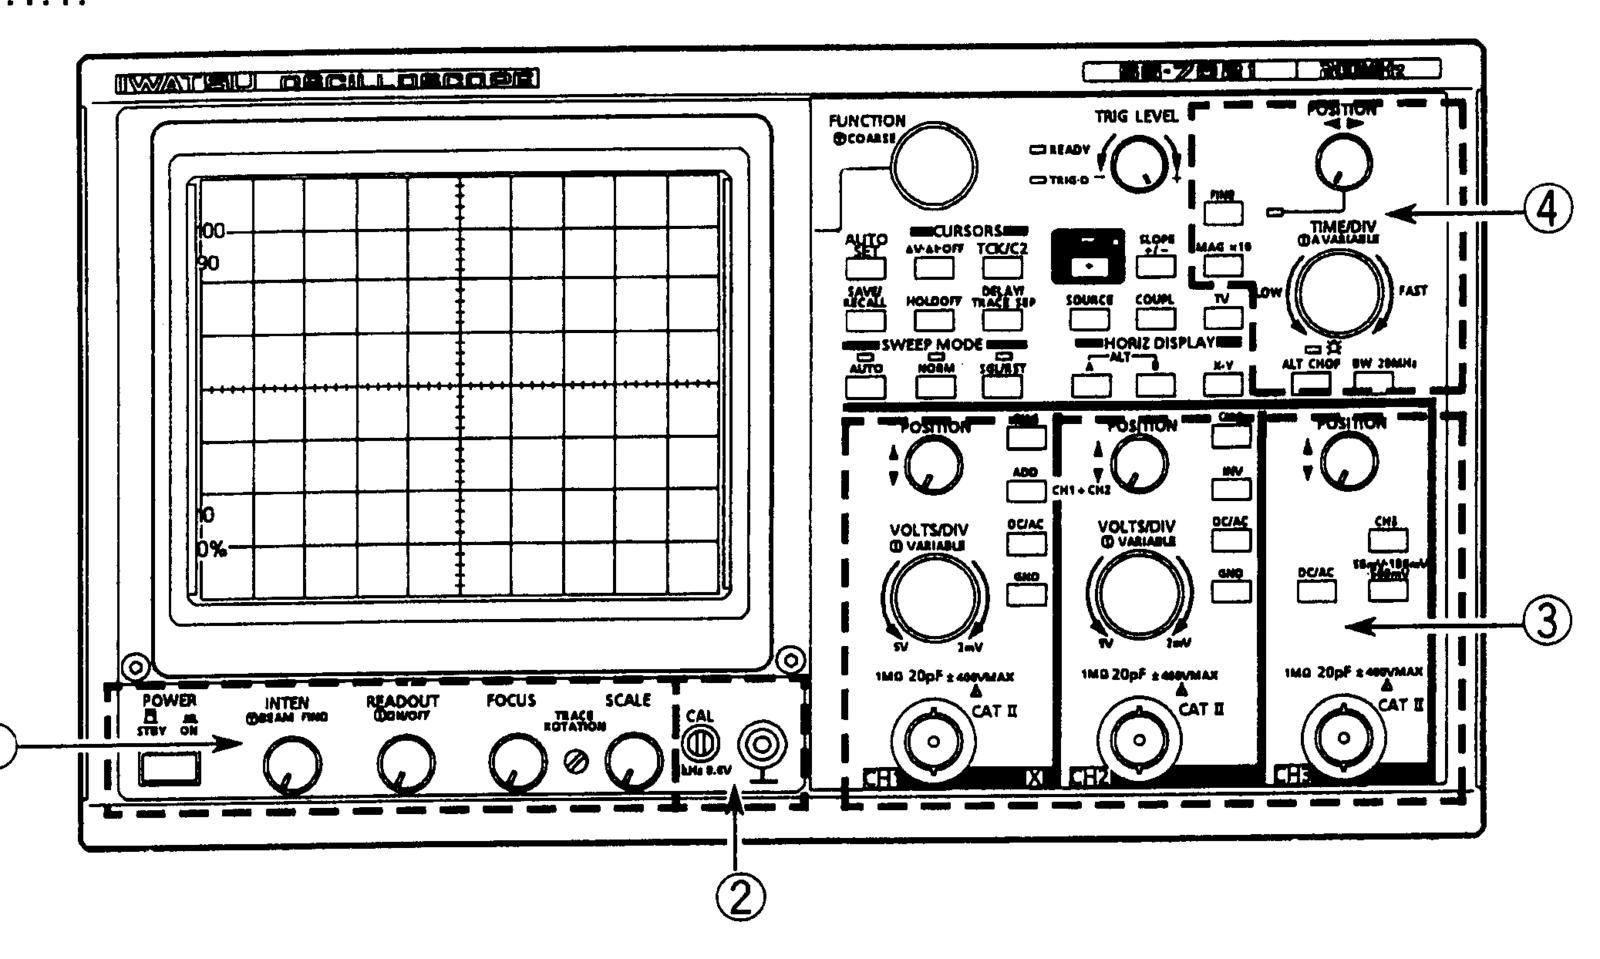 Iwatsu -- Ss-7810